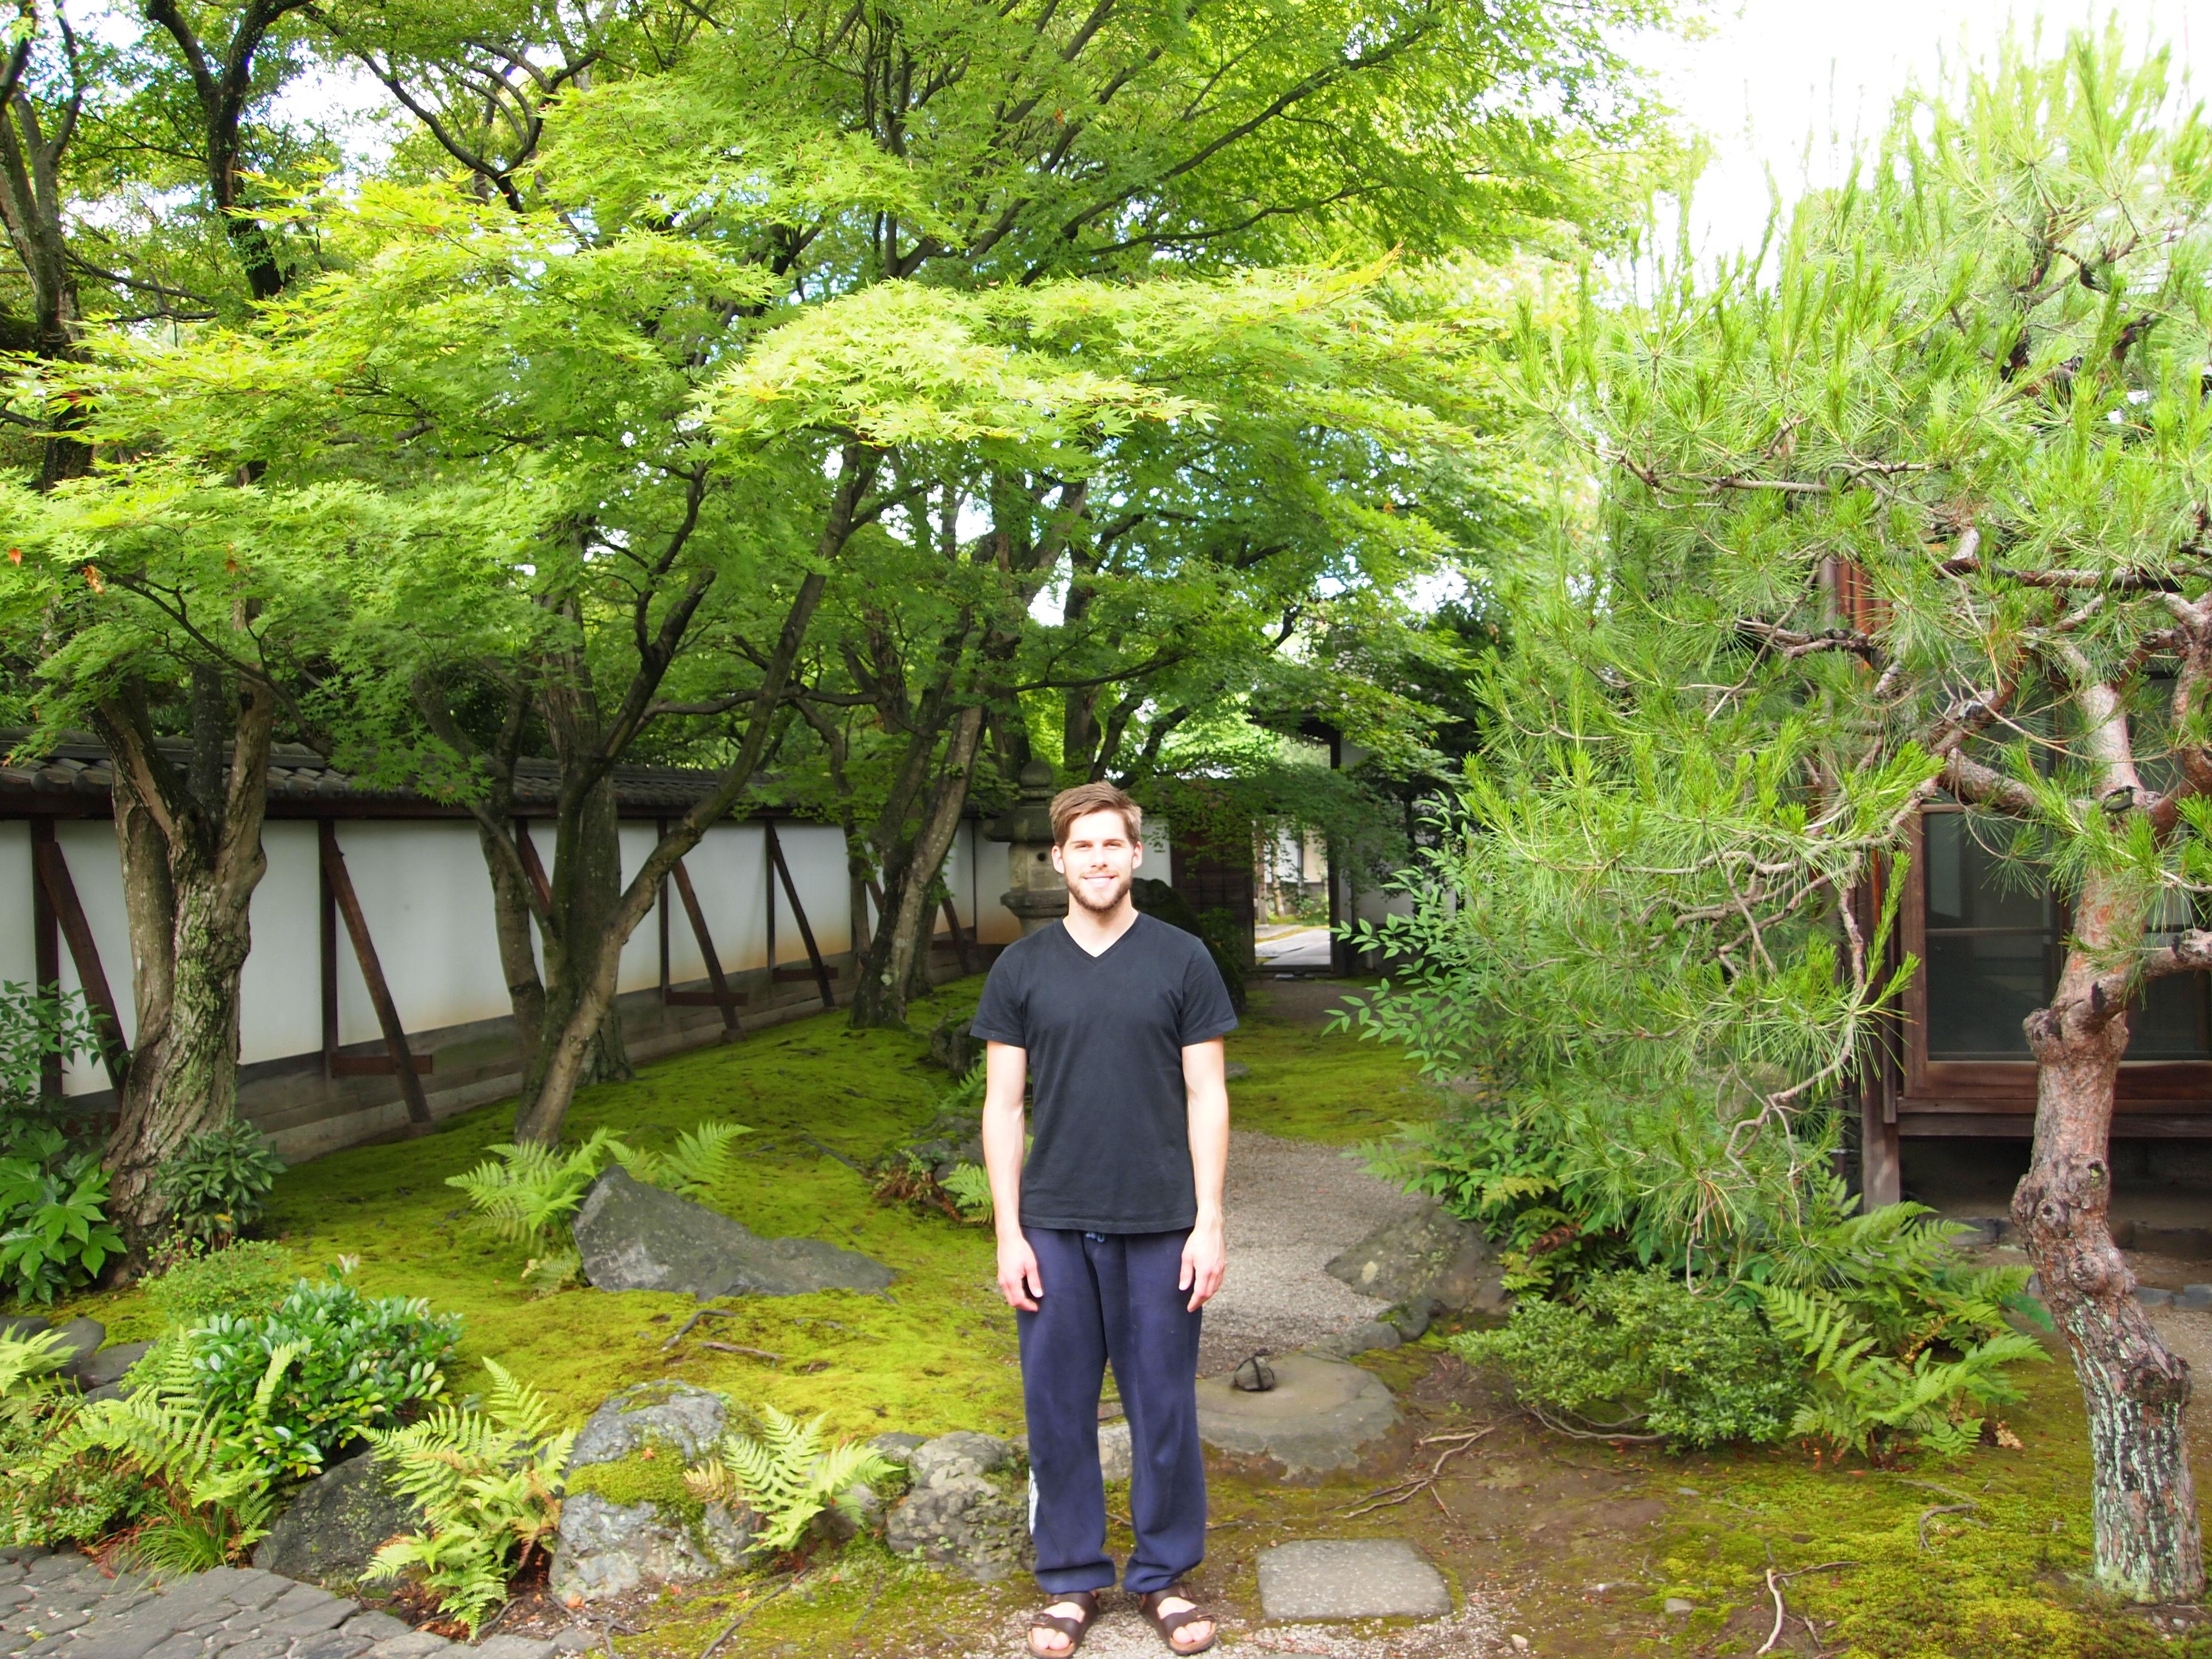 Moss garden kyoto garden ftempo - Moosgarten kyoto ...